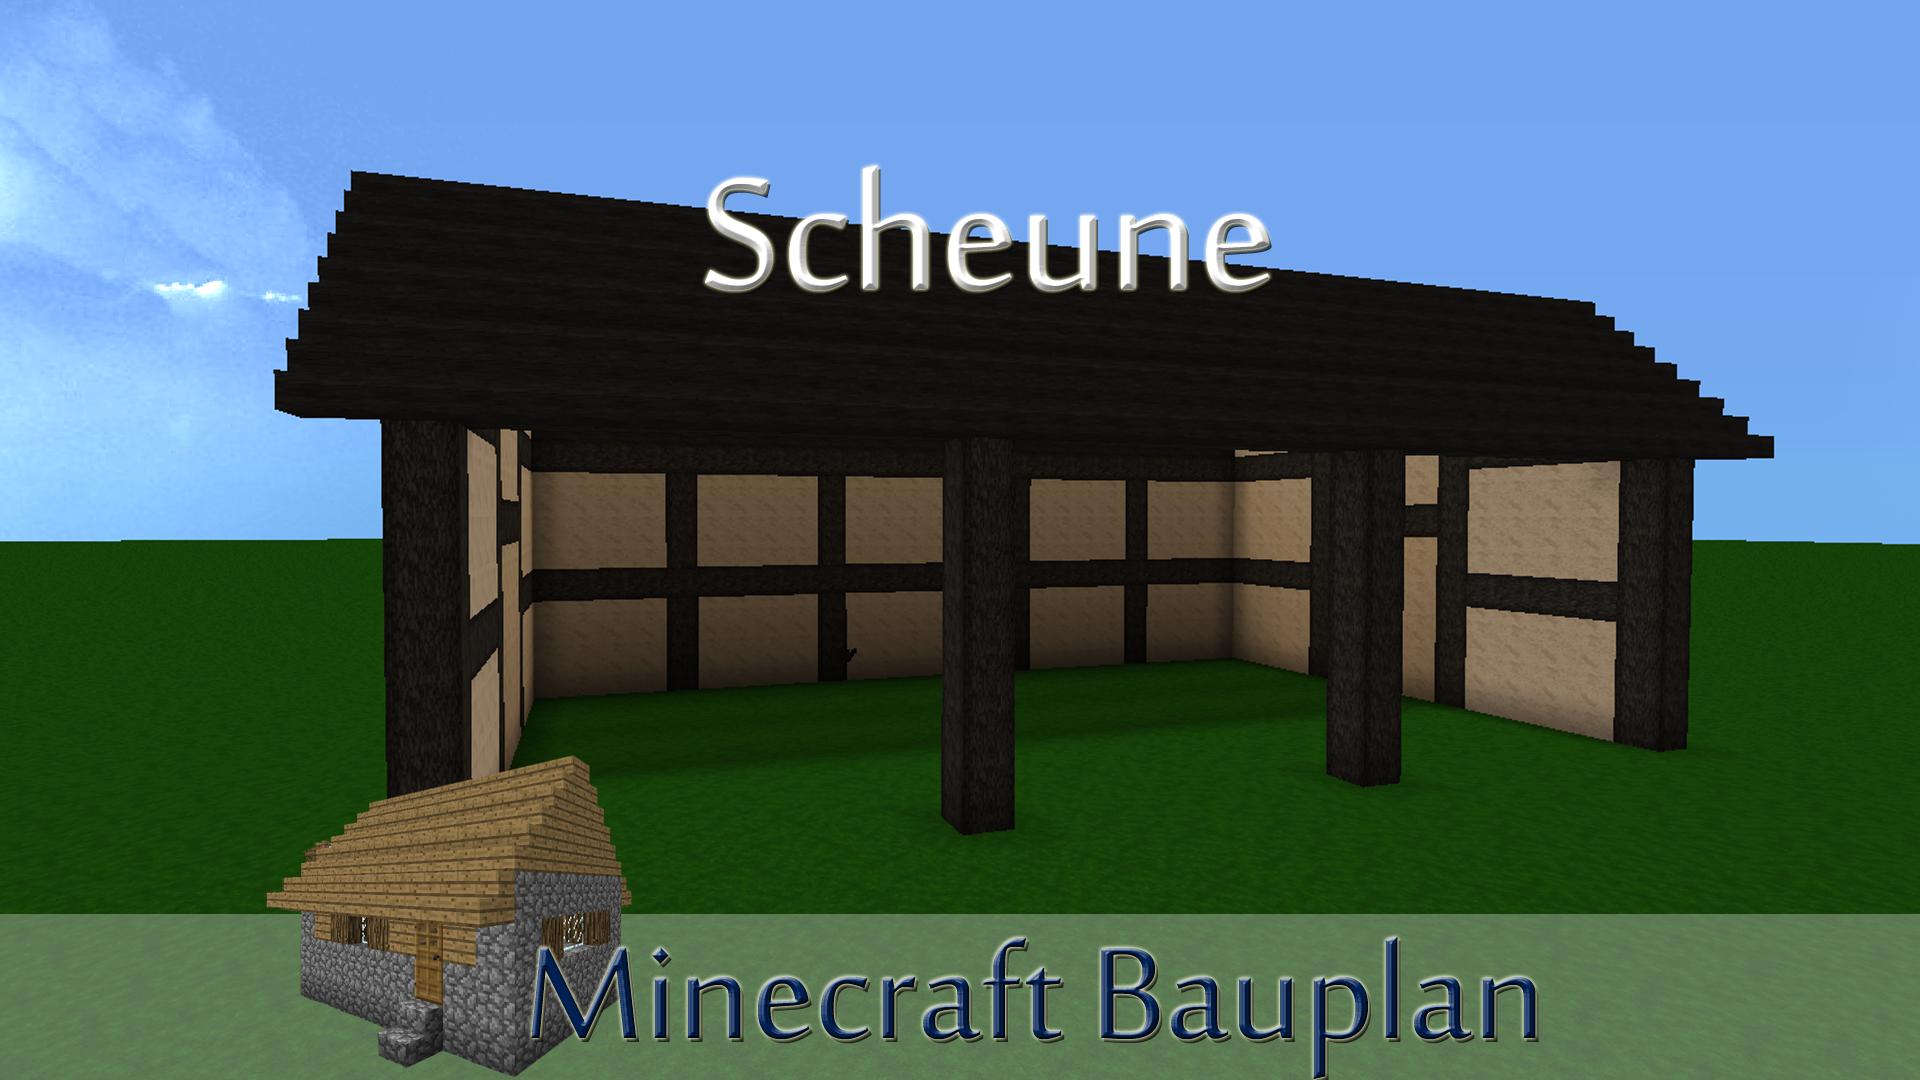 Minecraft Bauplan Scheune Gameheartde Minecraft Ideen - Minecraft haus ideen bauplan